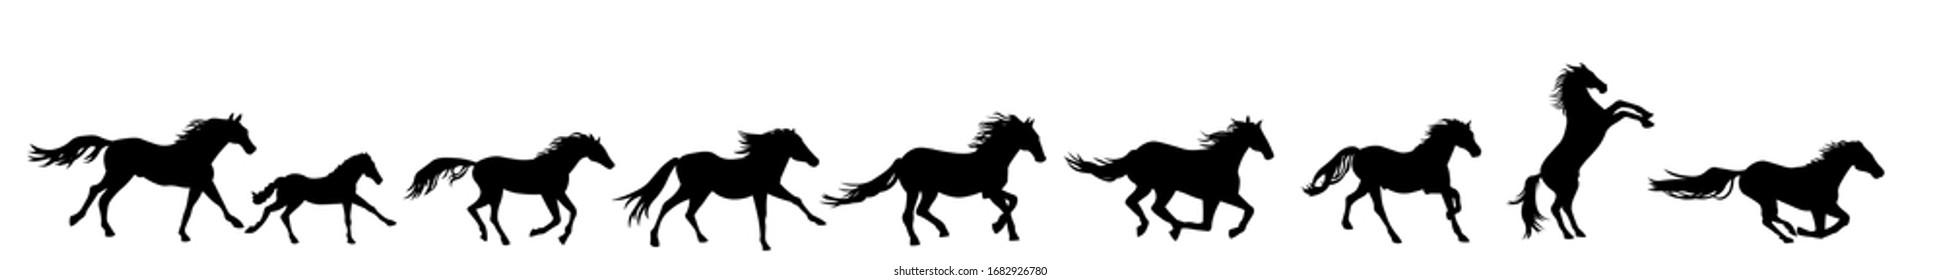 Horses running silhouette vector illustration. Herd of stallions.